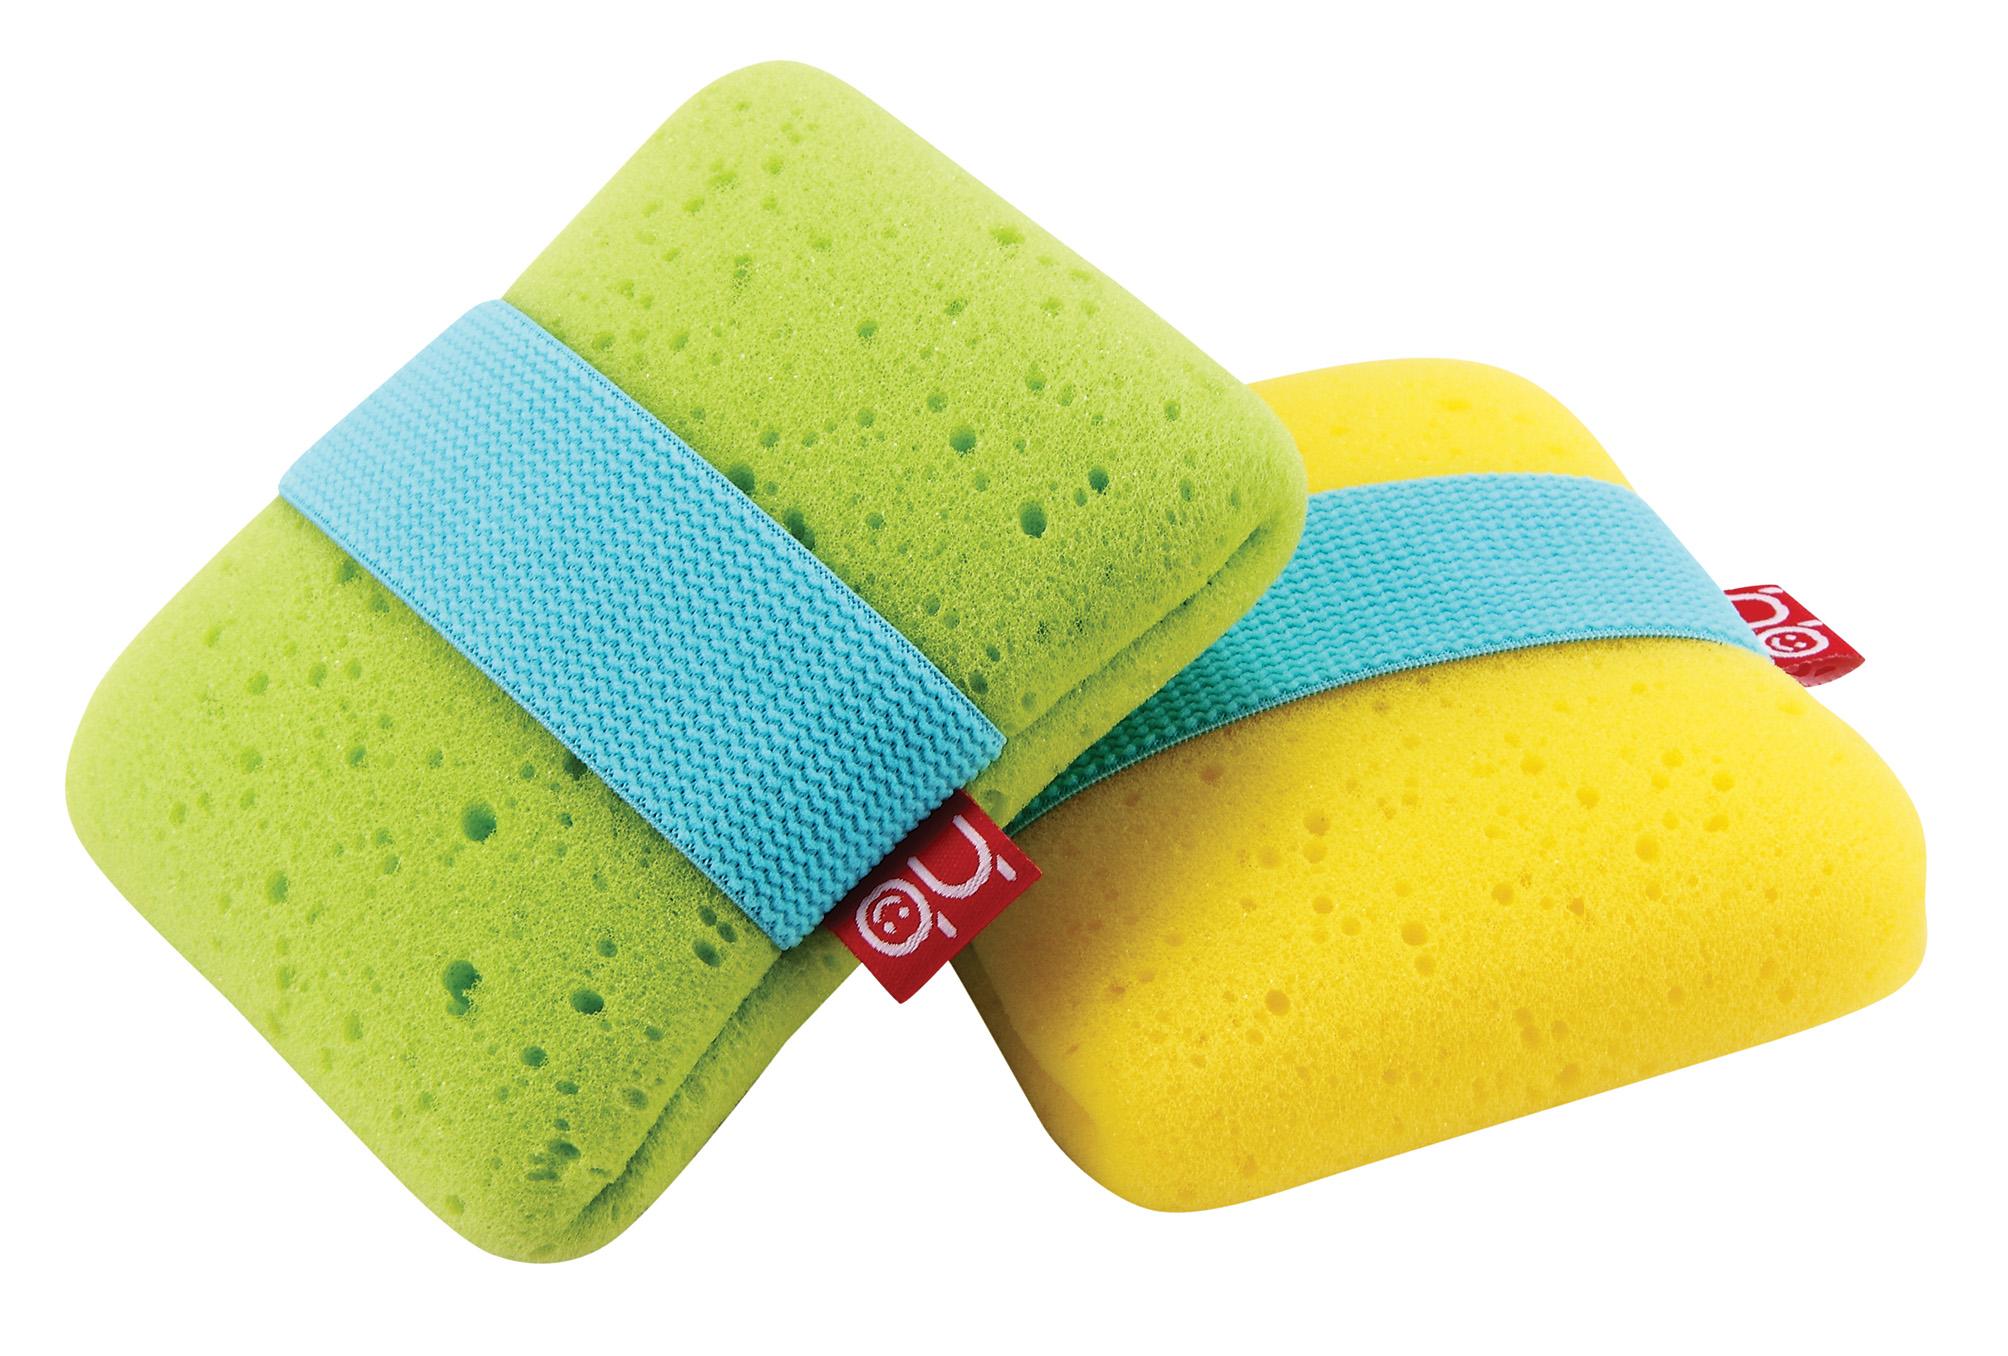 Happy Baby Мочалка Sponge+ с эластичным фиксатором на руку цвет зеленый5010777139655Мягкая мочалка Sponge+ разработана специально для нежной кожи малыша. Прекрасно подходит для новорожденных. Благодаря высококачественному мягкому материалу, из которого выполнена мочалка, купание для вашего ребёнка станет ещё приятней.Эластичная резинка позволит плотно зафиксировать мочалку на руке.Для большего удобства имеется маленький кармашек, в который можно при необходимости положить мыло.